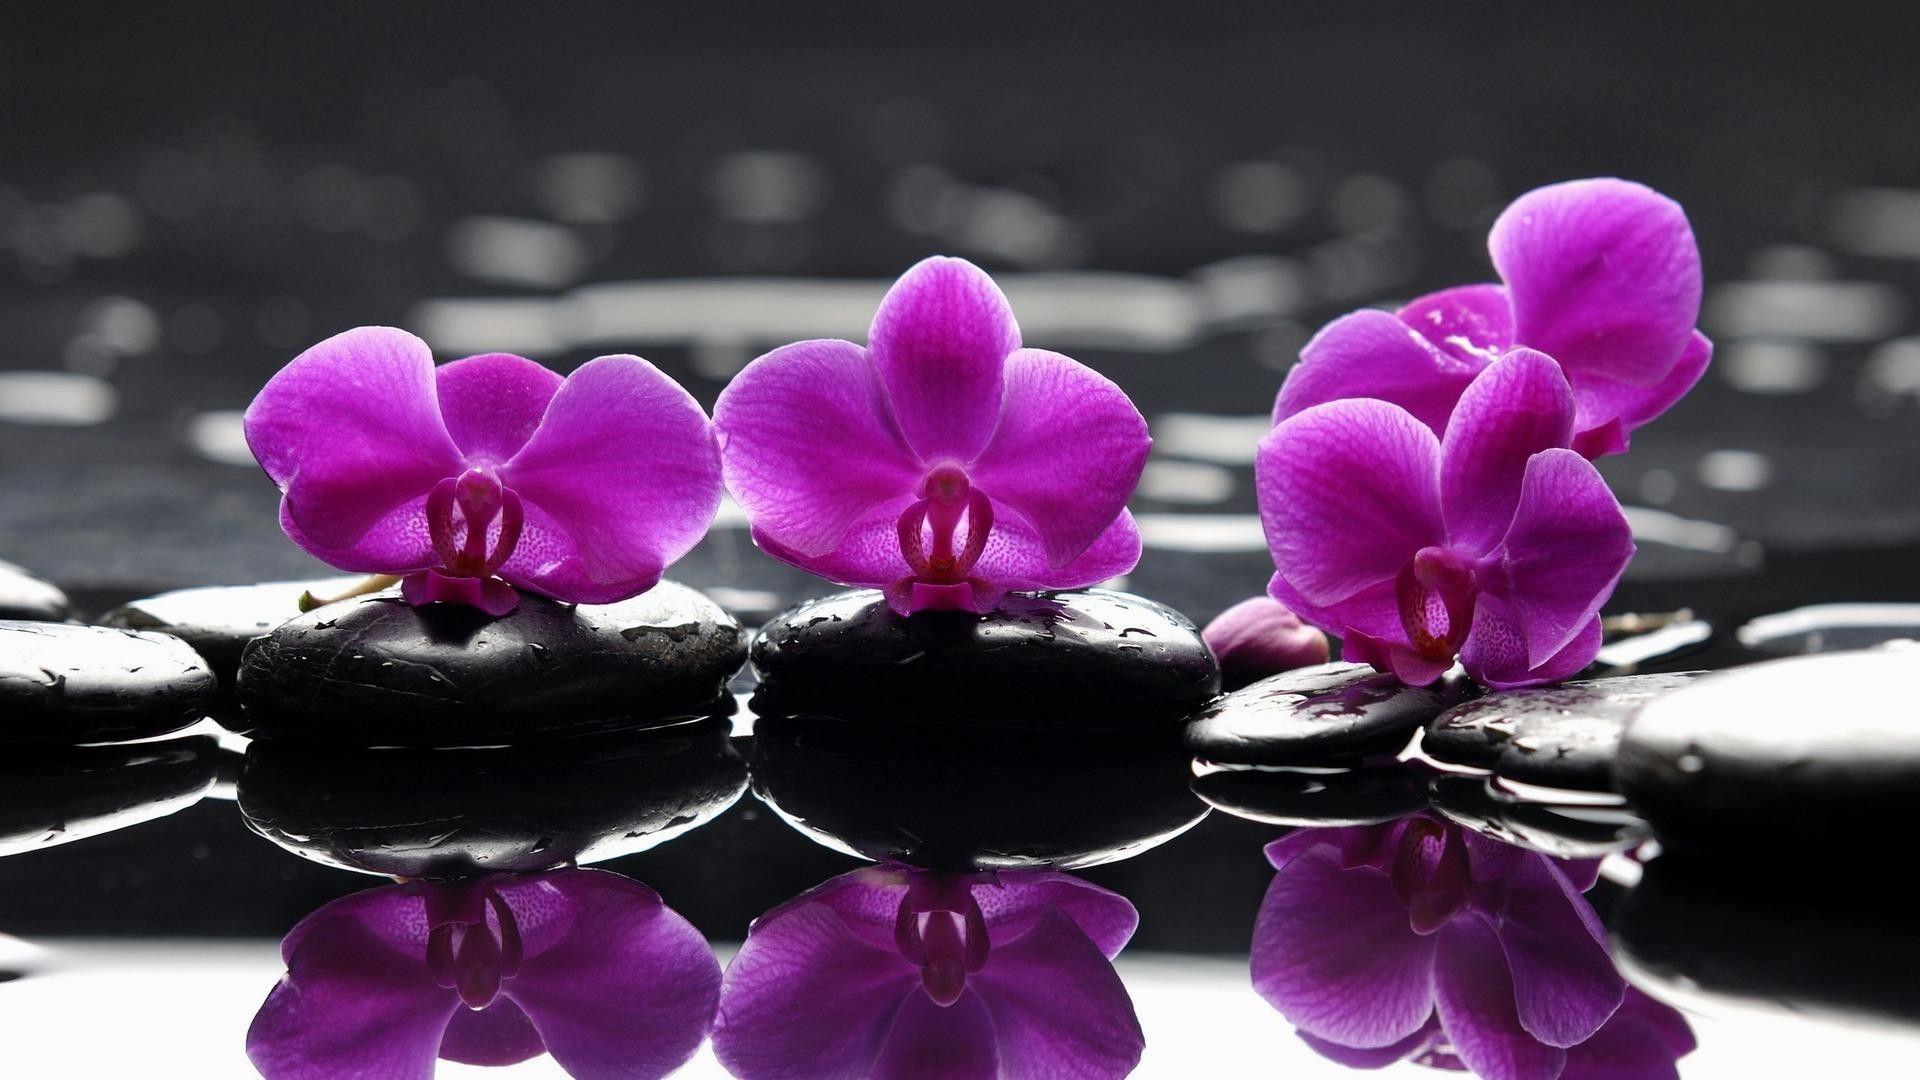 flower wallpaper hd download free